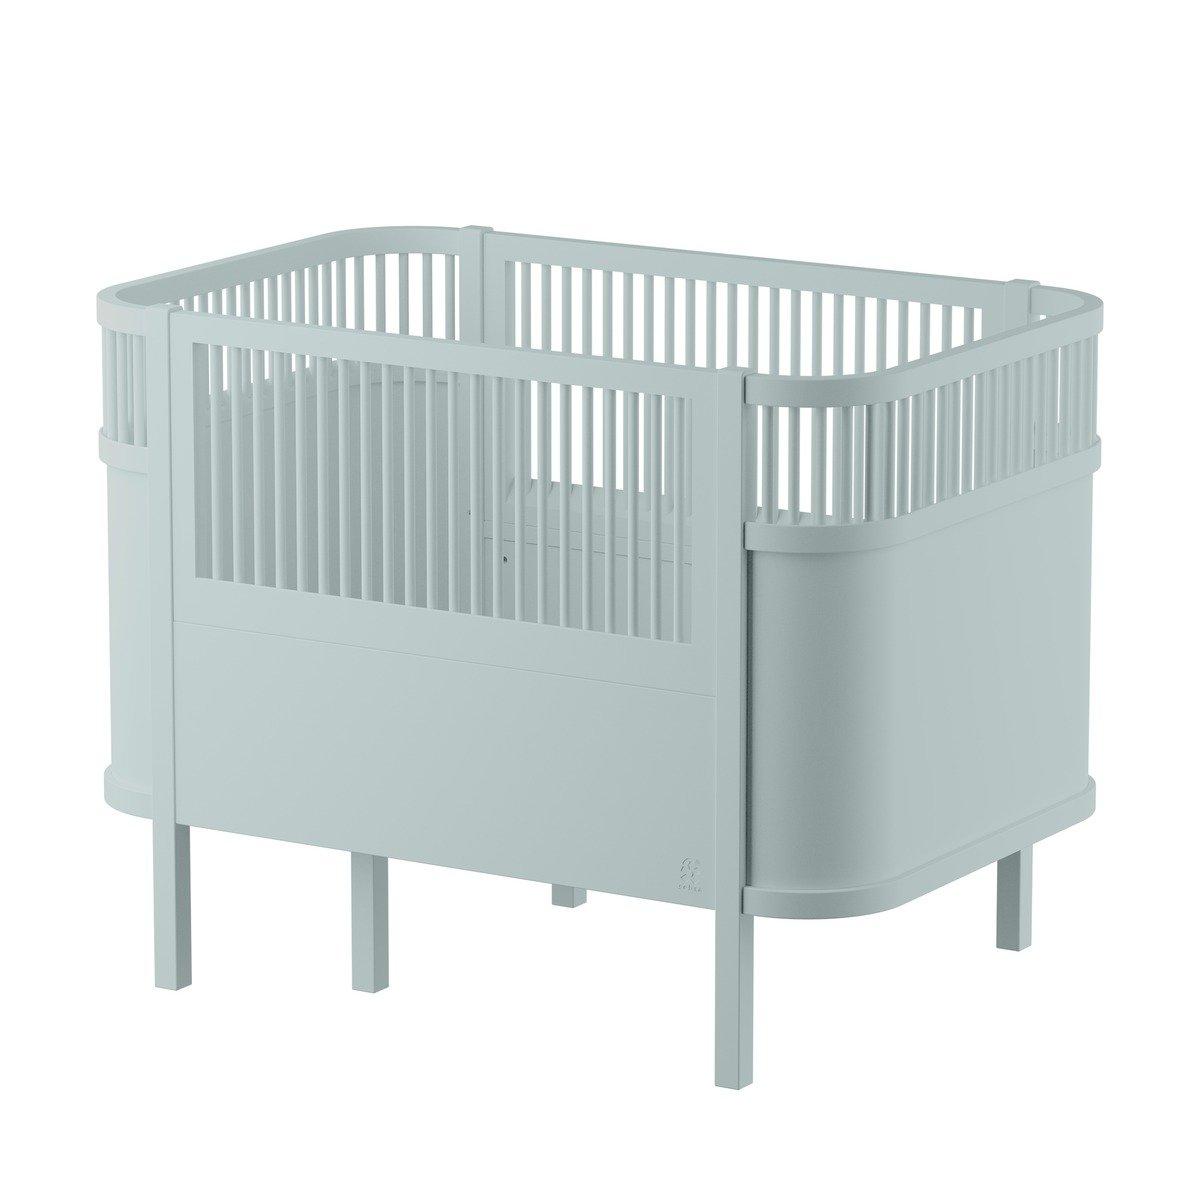 Sebra Yomi Baby- und Kinderbett Komplettset mit Gitter aus Buchenholz (60 x120) höhenverstellbar in grau / weiß Kinderbetten